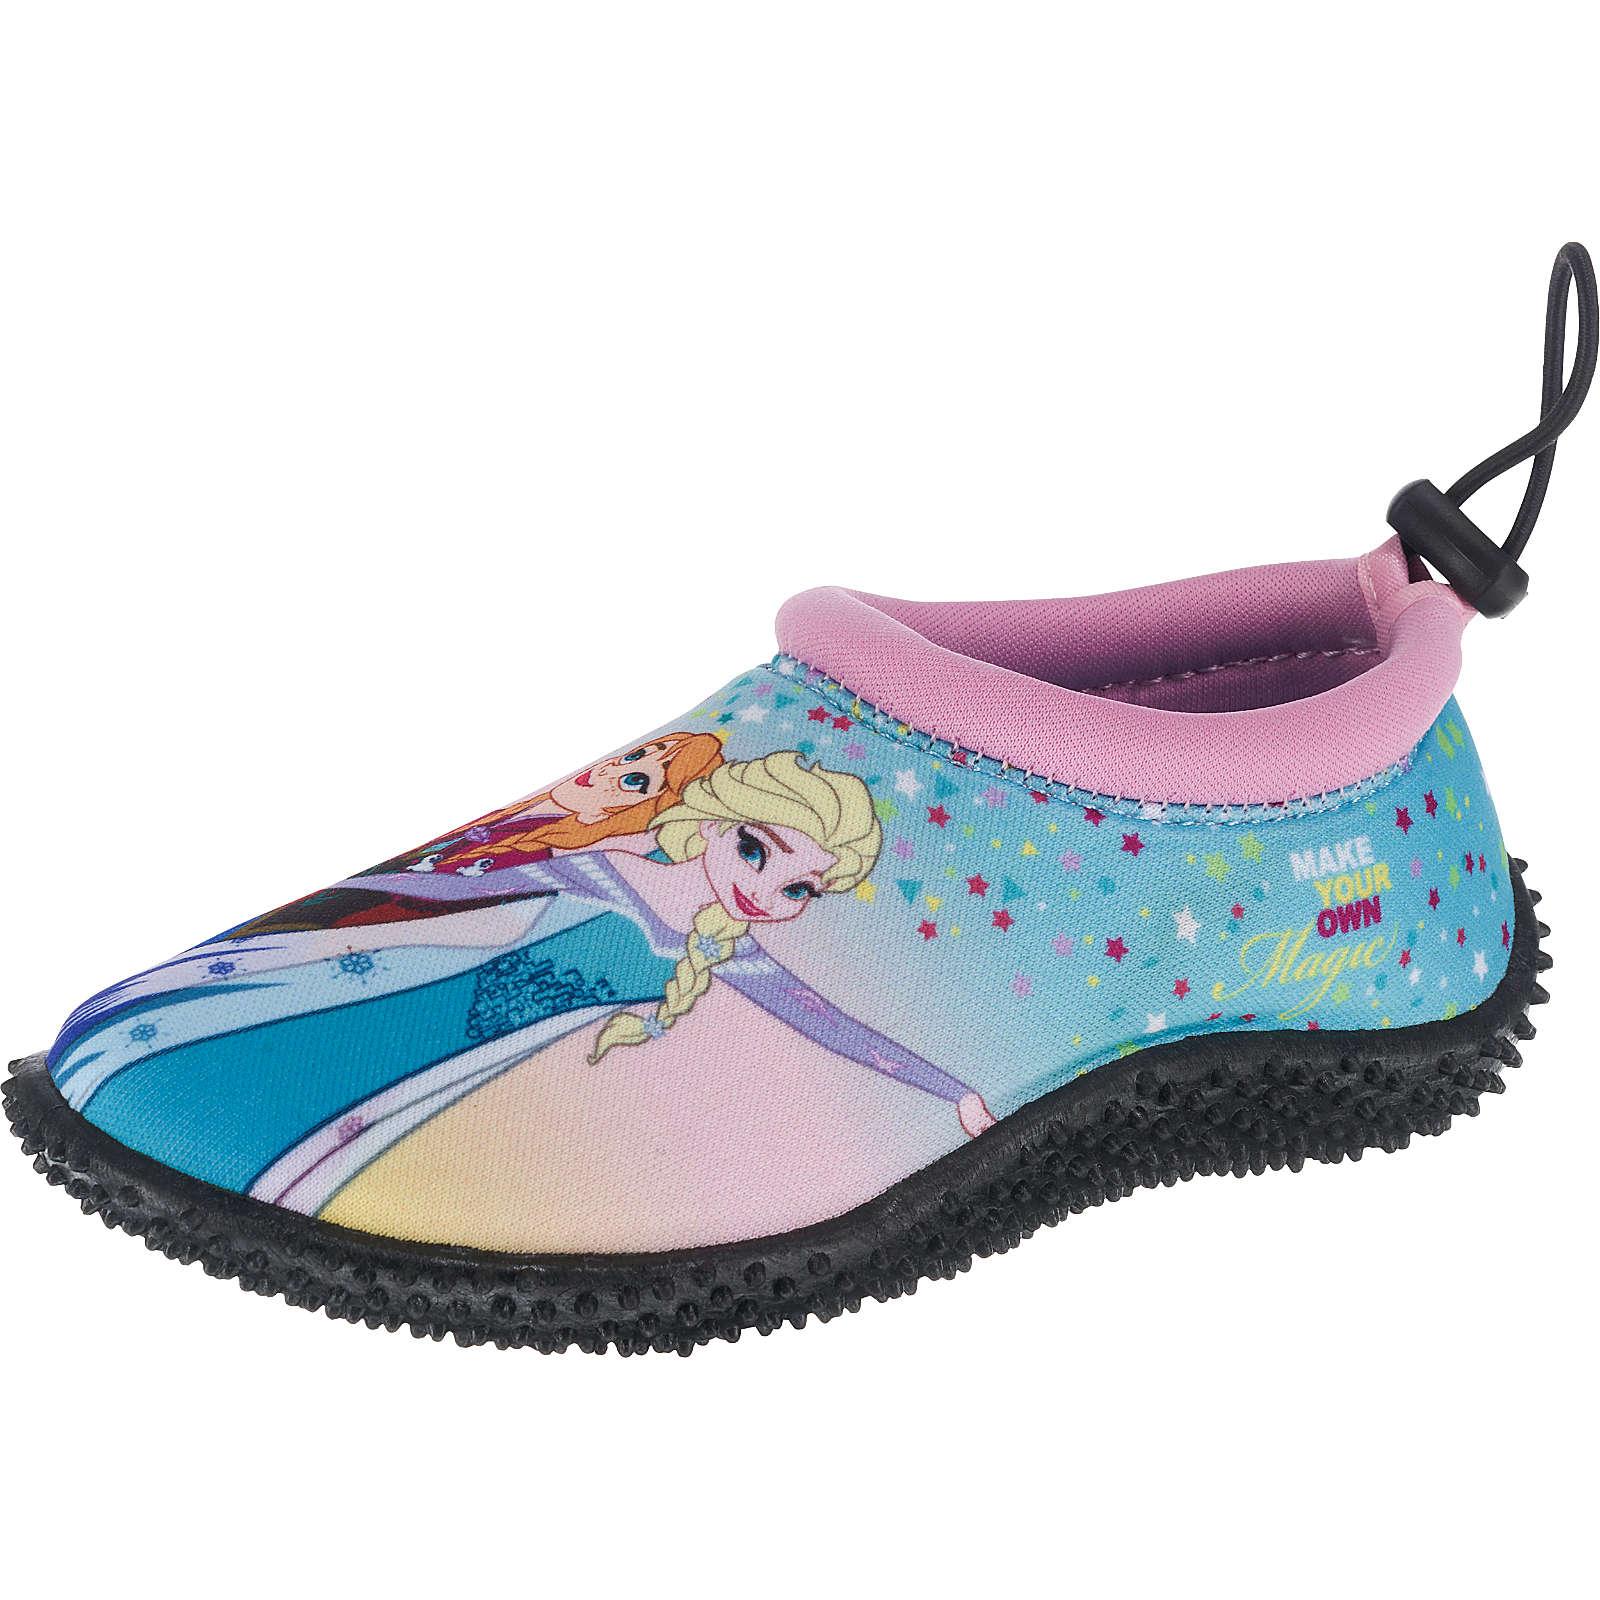 Disney Die Eiskönigin Badeschuhe für Mädchen türkis Mädchen Gr. 30/31